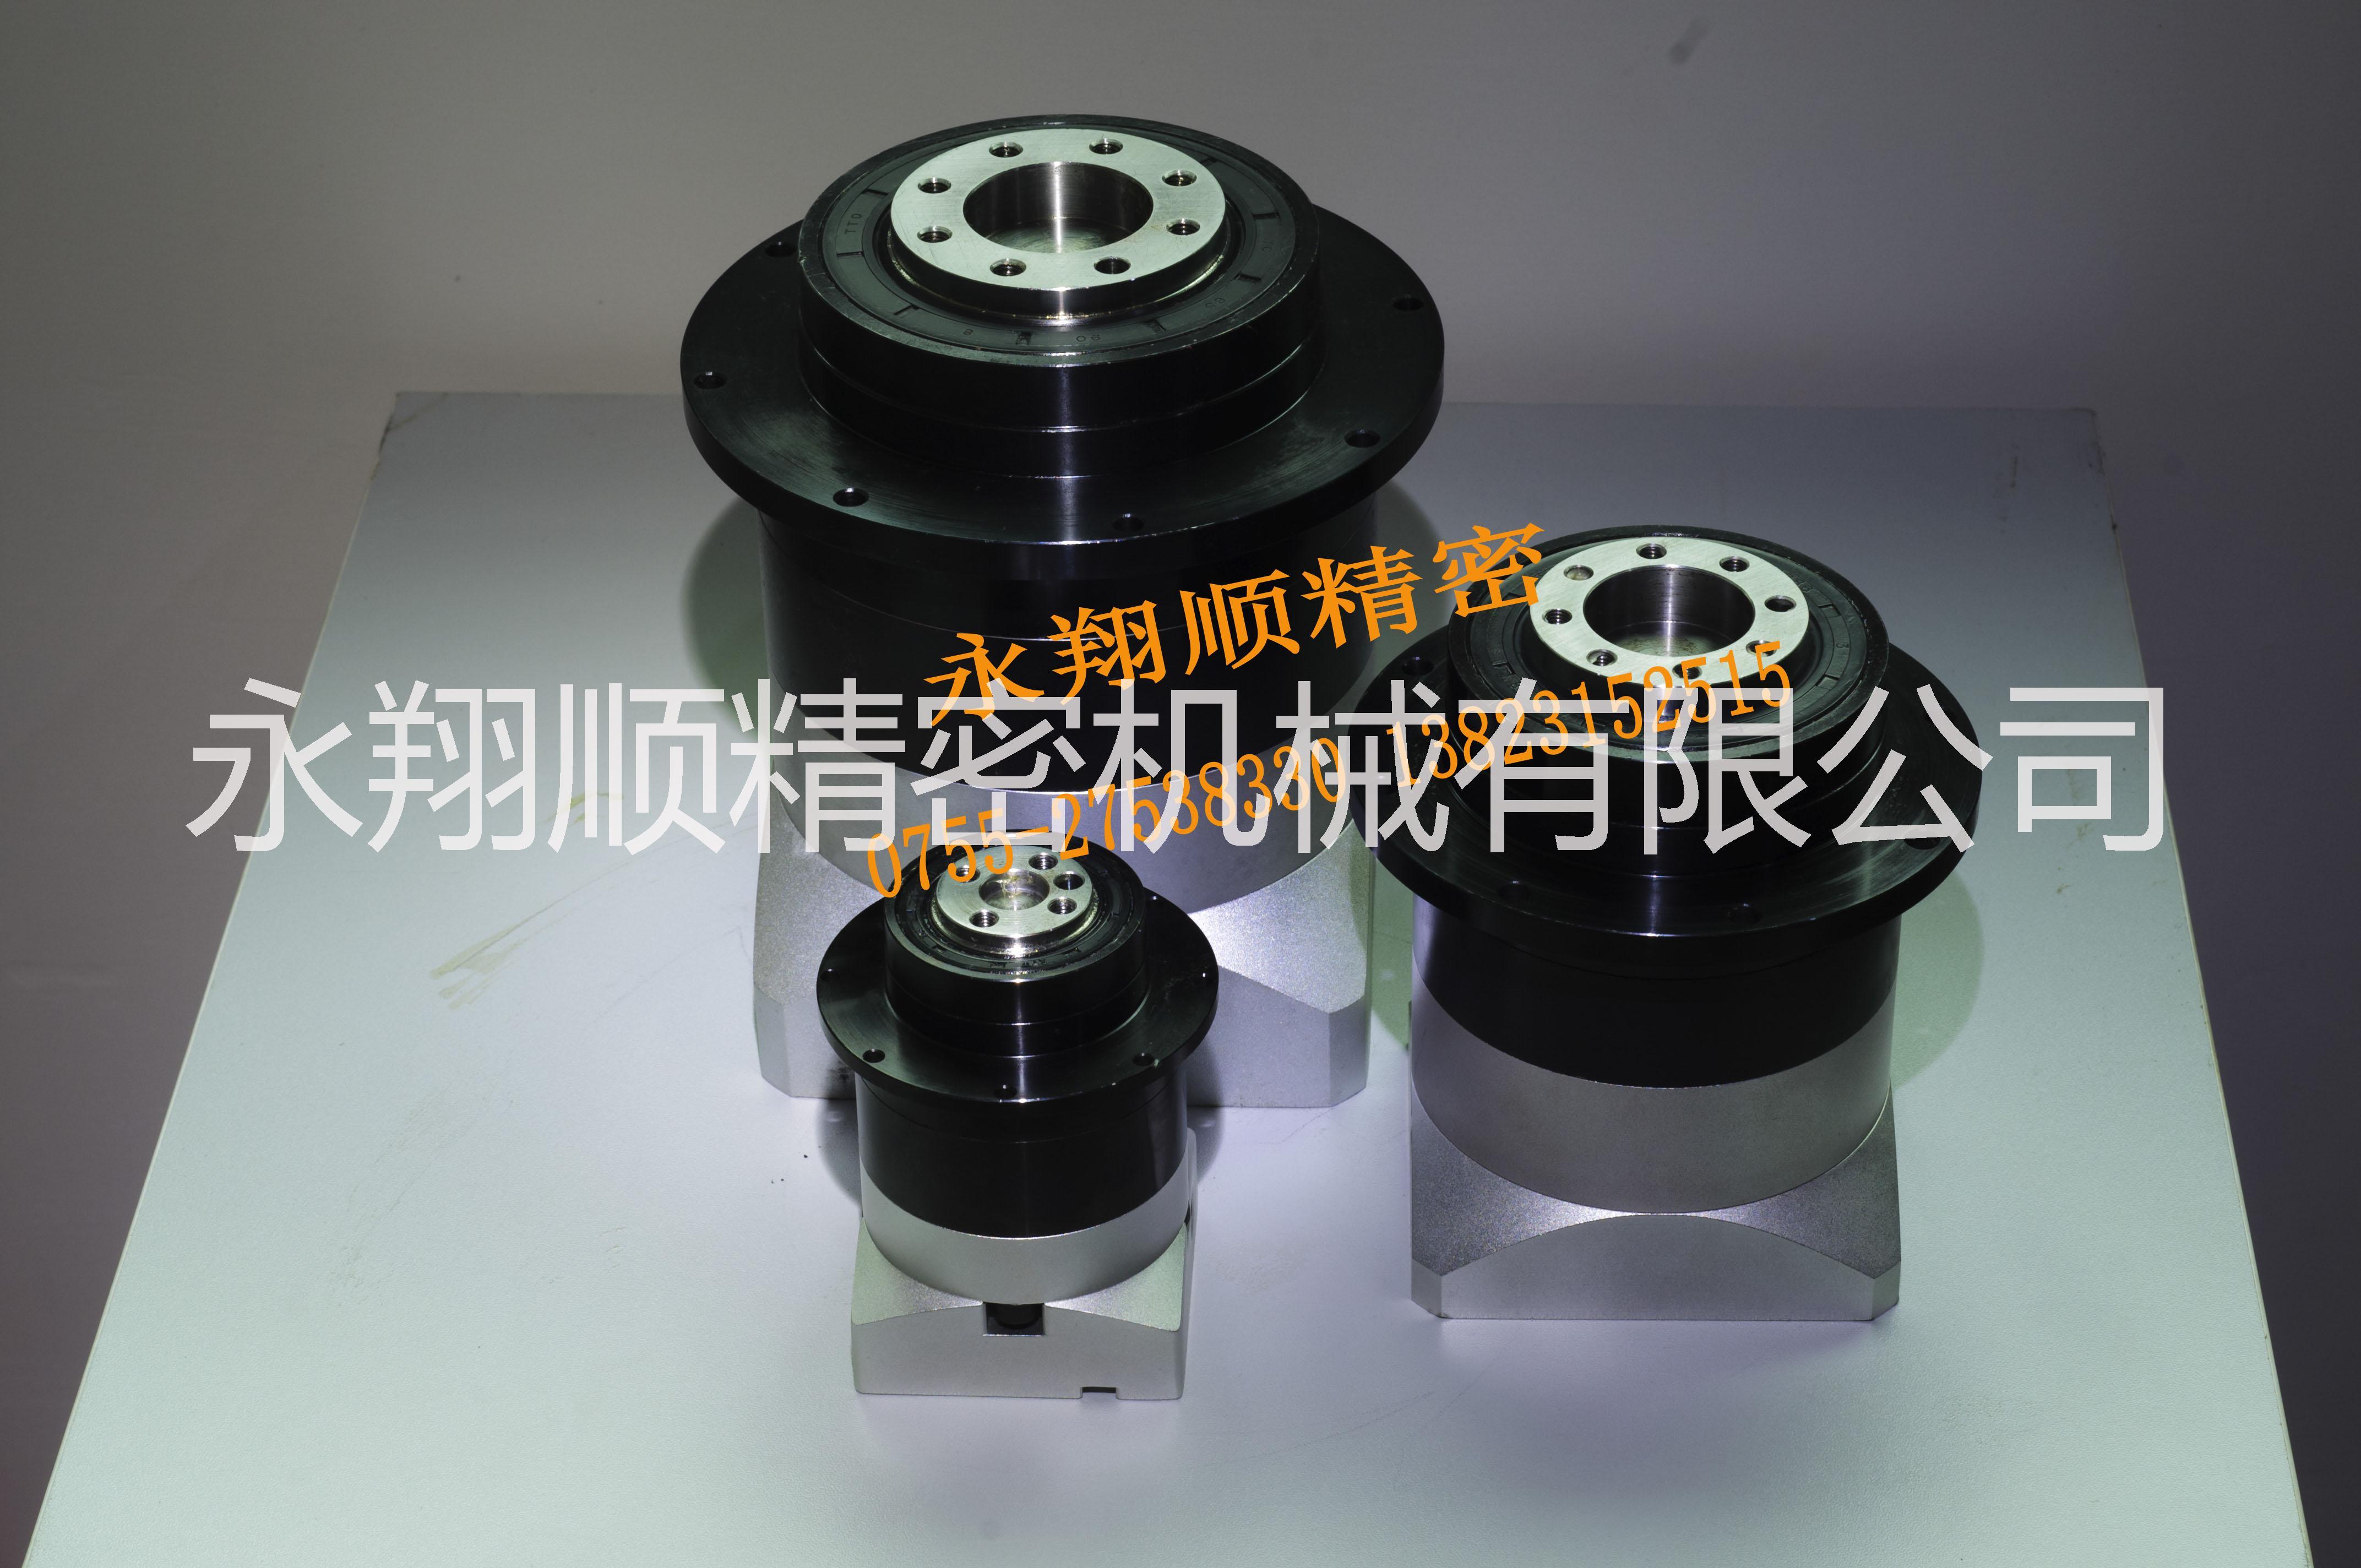 齿轮减速机价格,深圳减速机PLH160齿轮减速机   齿轮减速 齿轮减速机厂家直销